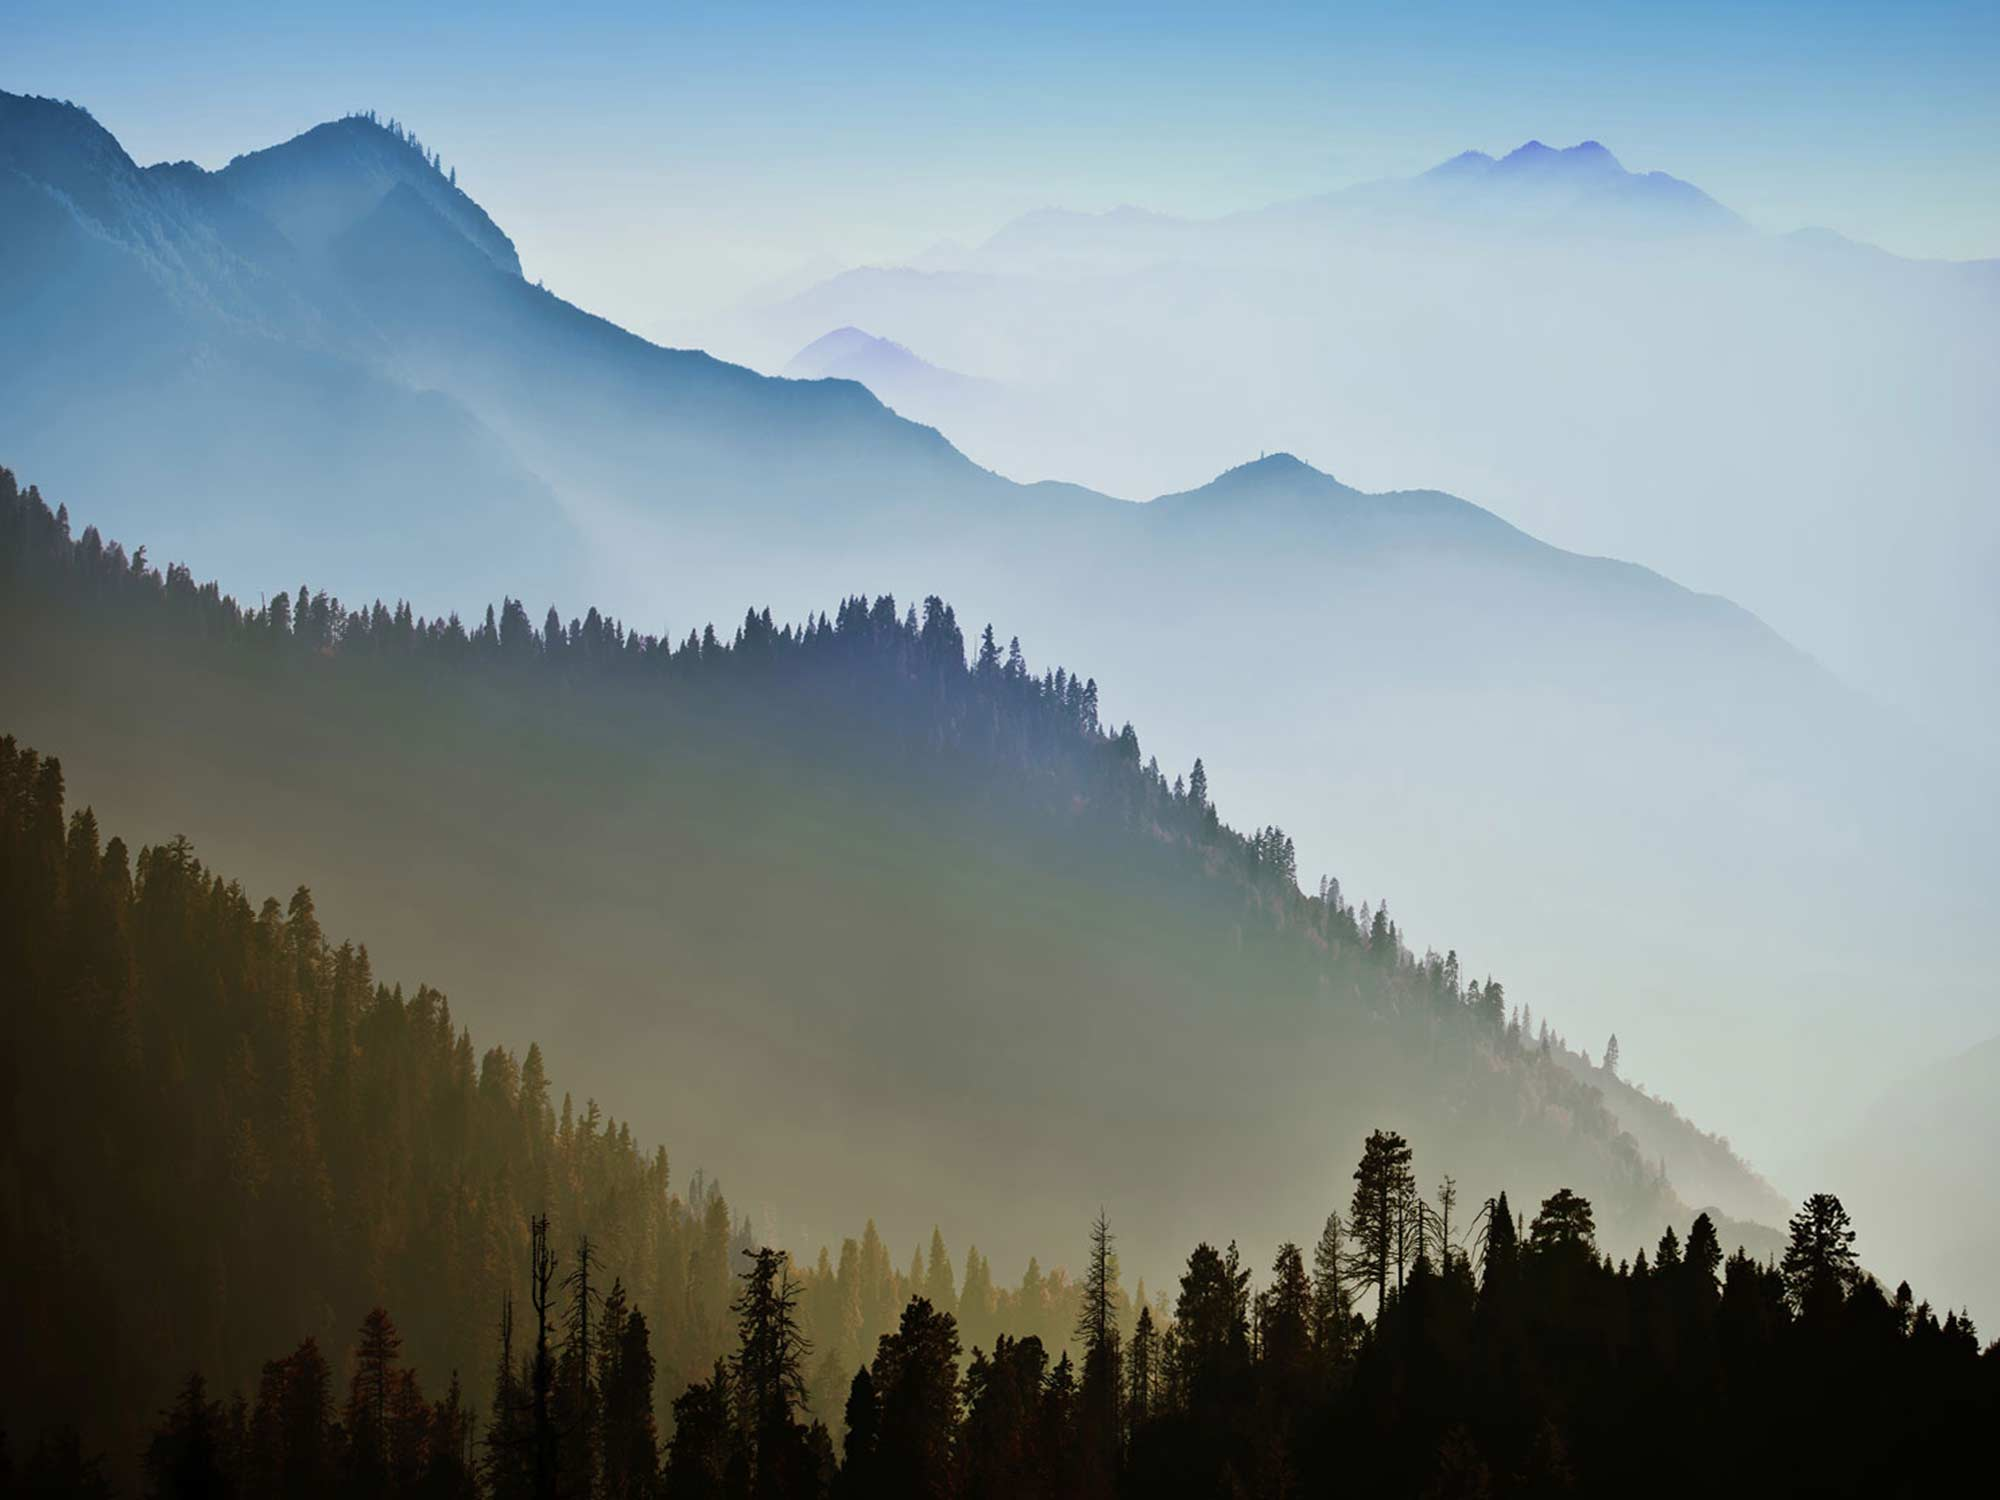 Papel de Parede Paisagens Montanhas 0016 - Adesivo de Parede   - Paredes Decoradas